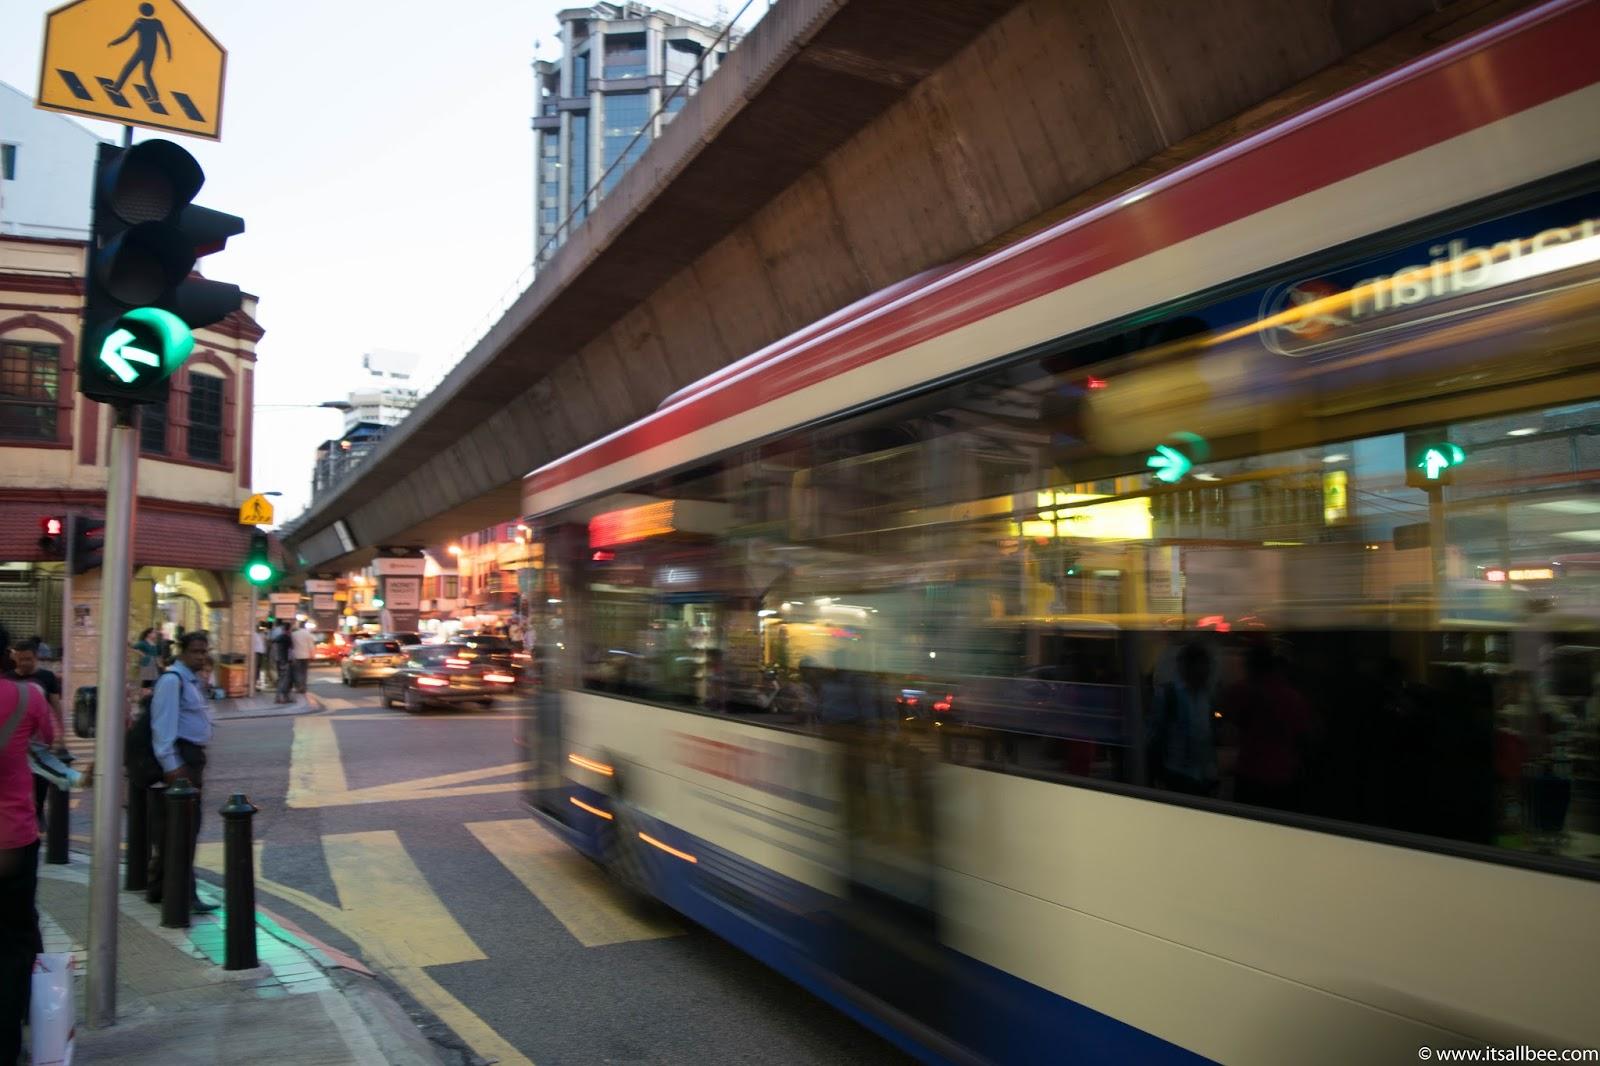 Kuala Lumpur Travel Guide | Top Things to Do in Kuala Lumpur